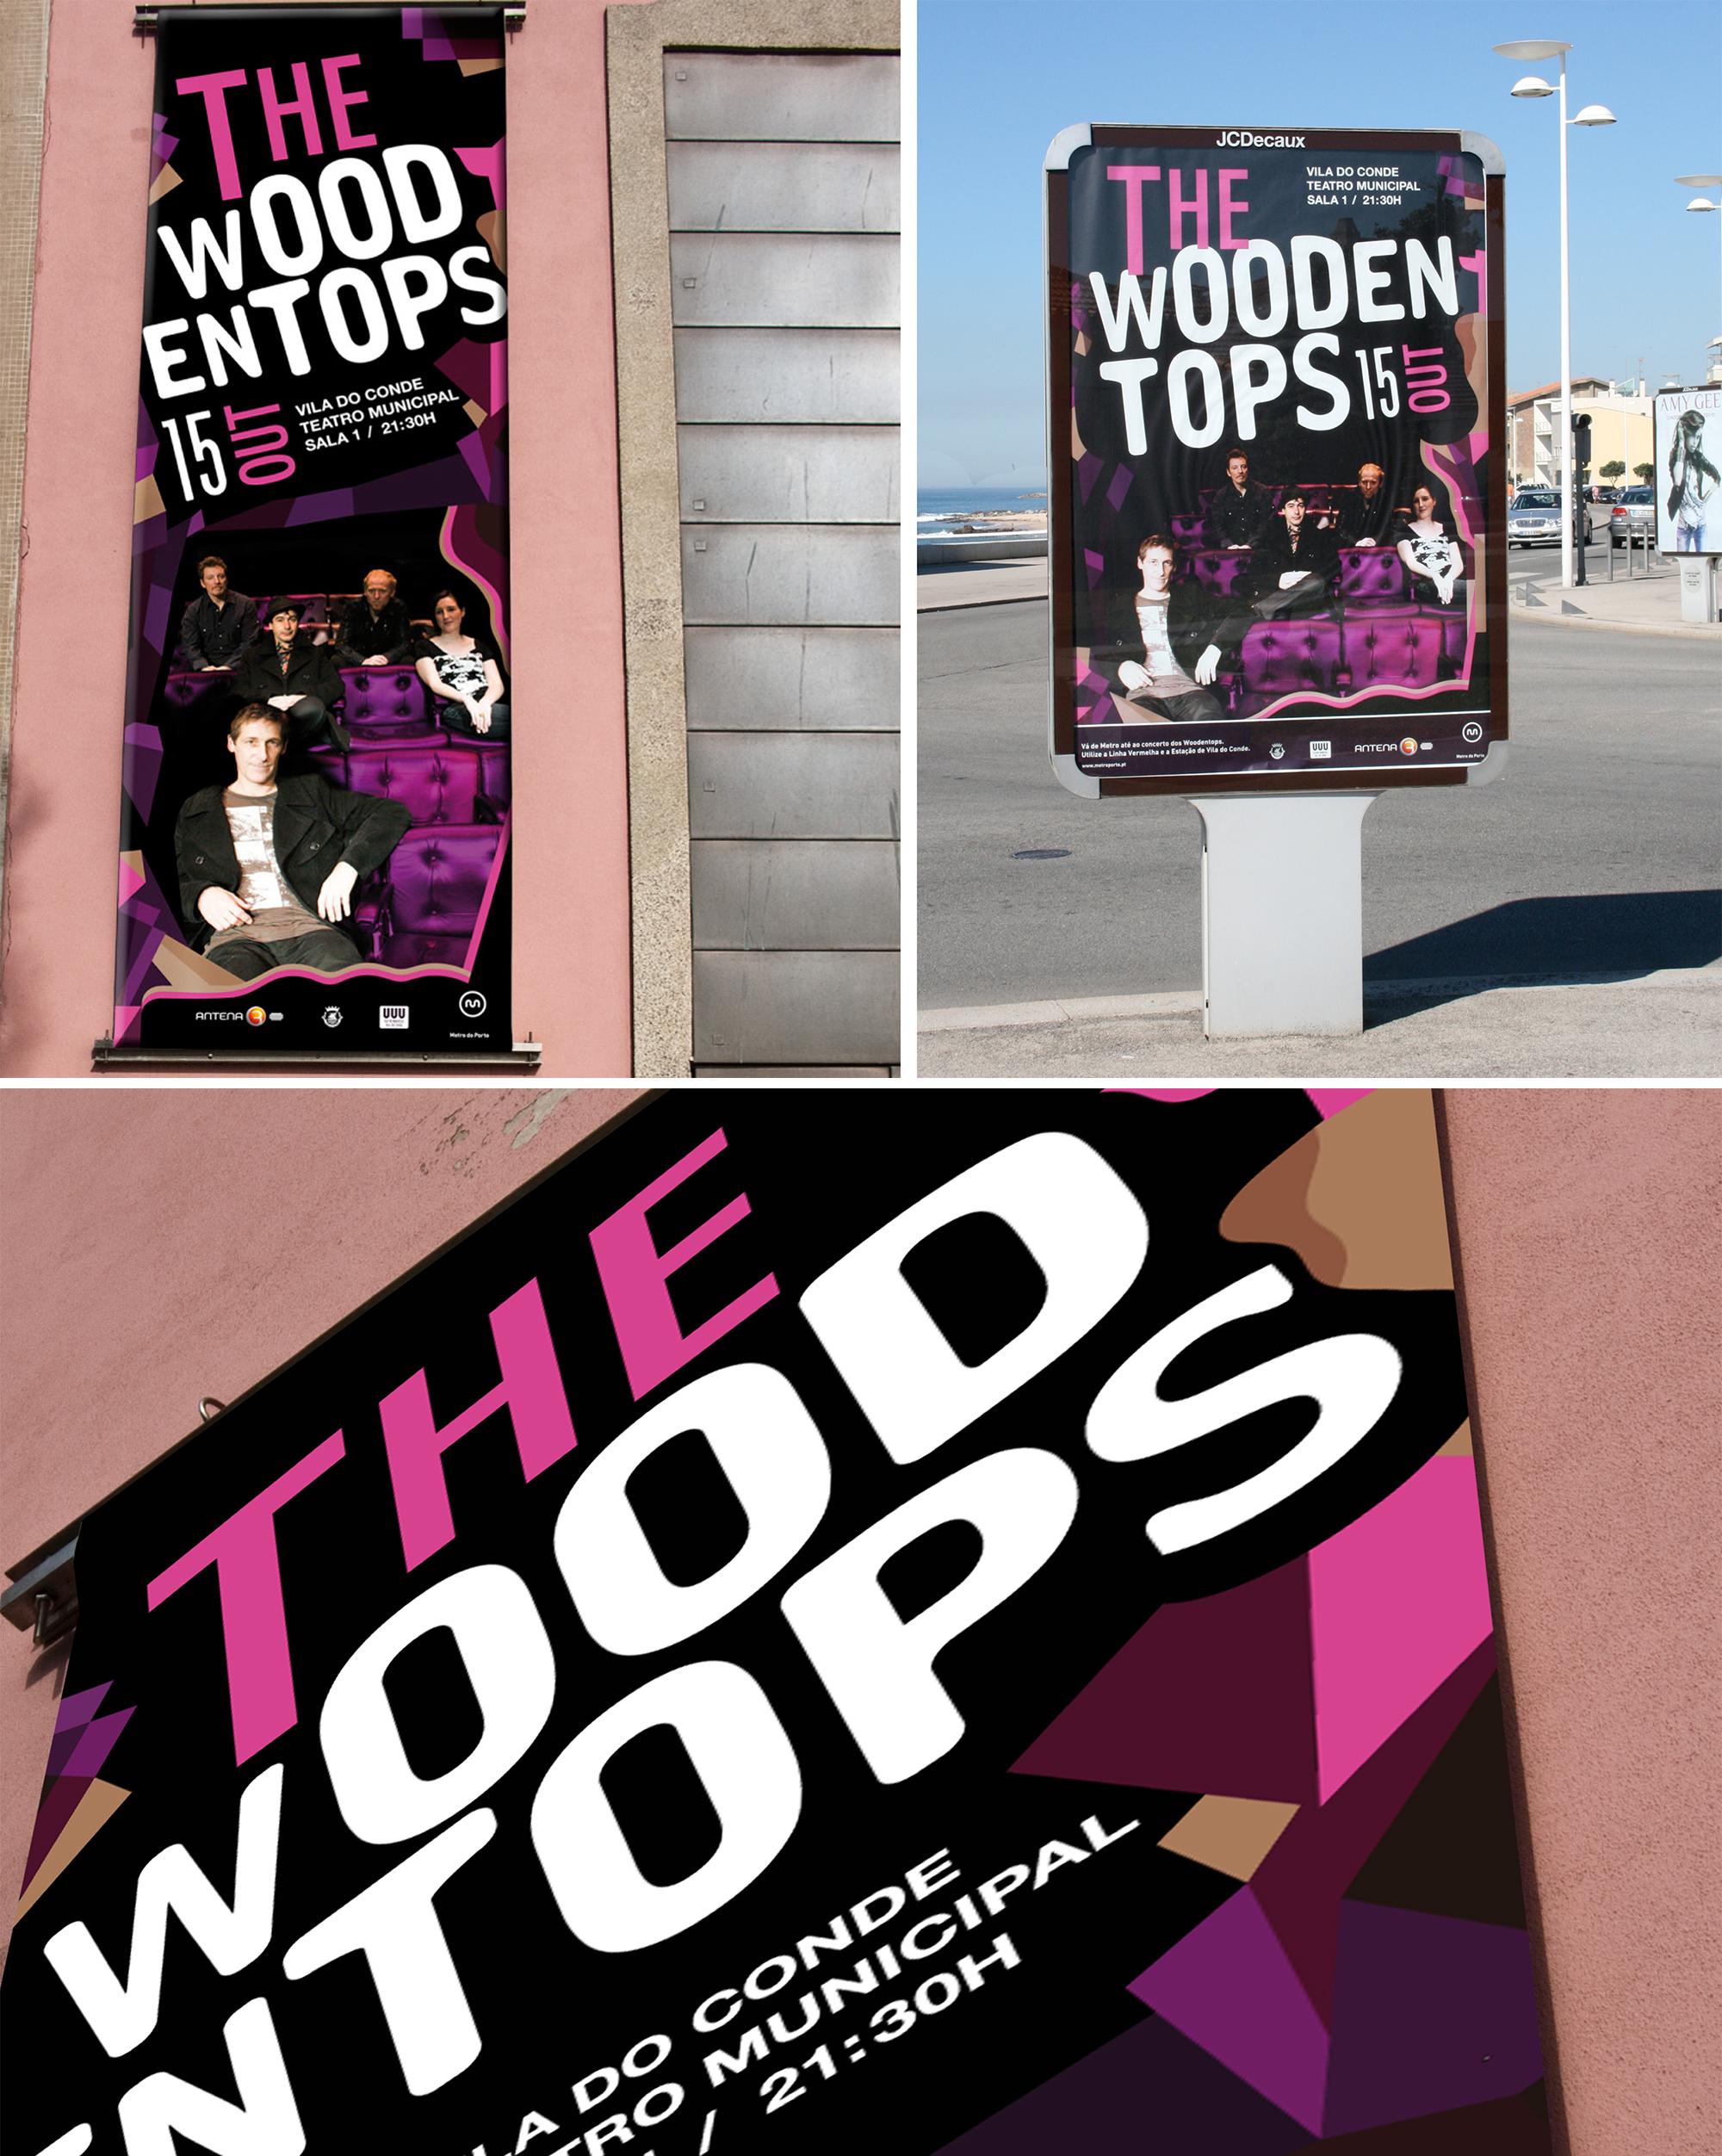 wodentops-3